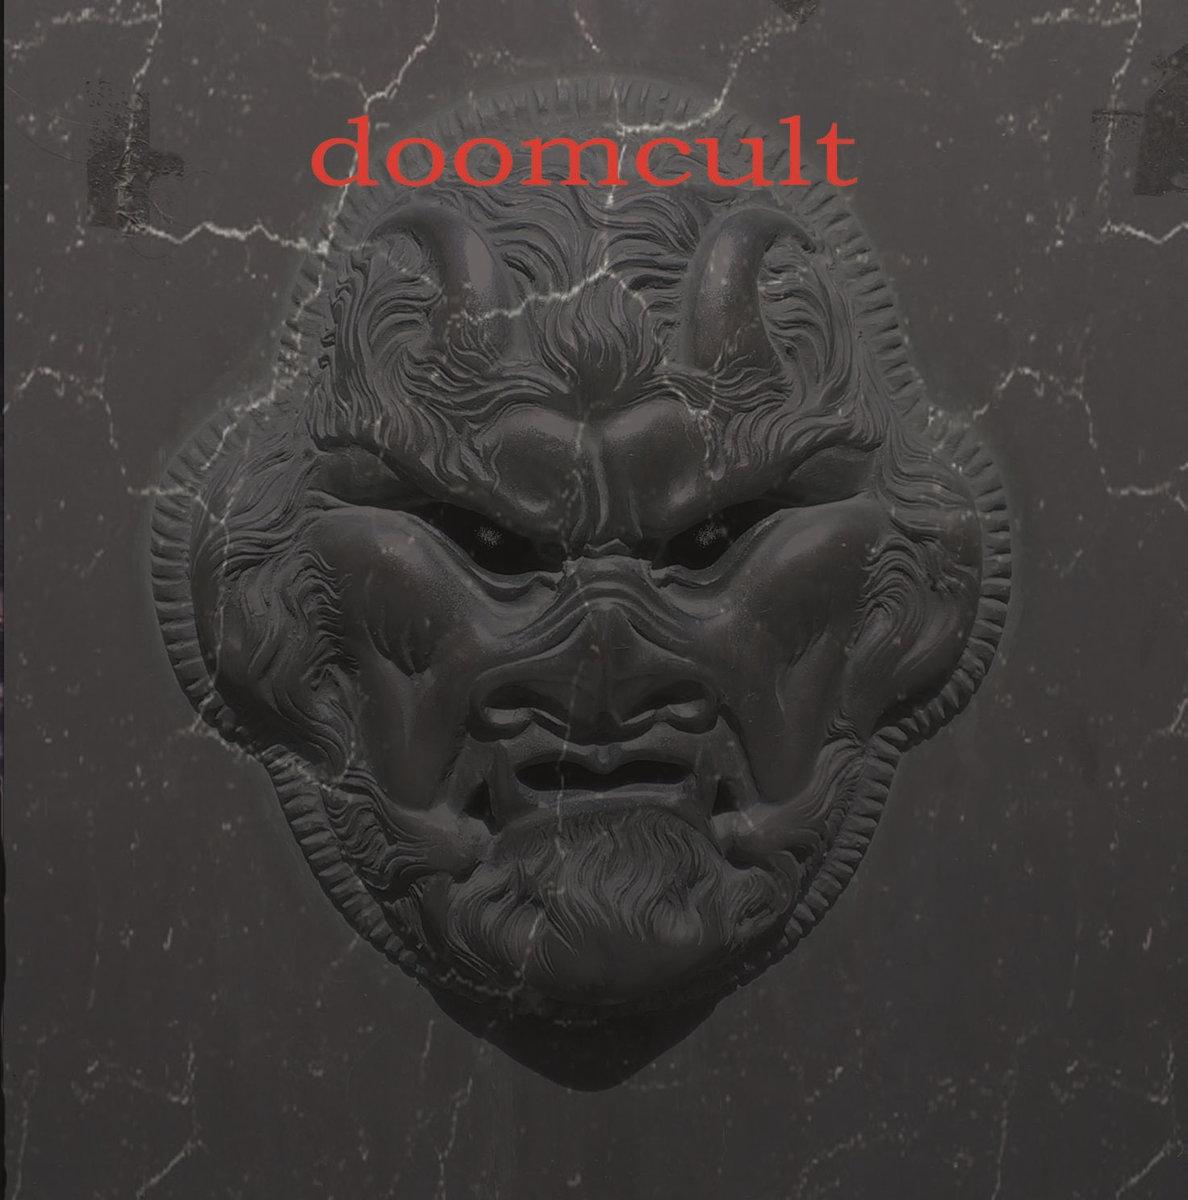 doomcult - venomous icy doom